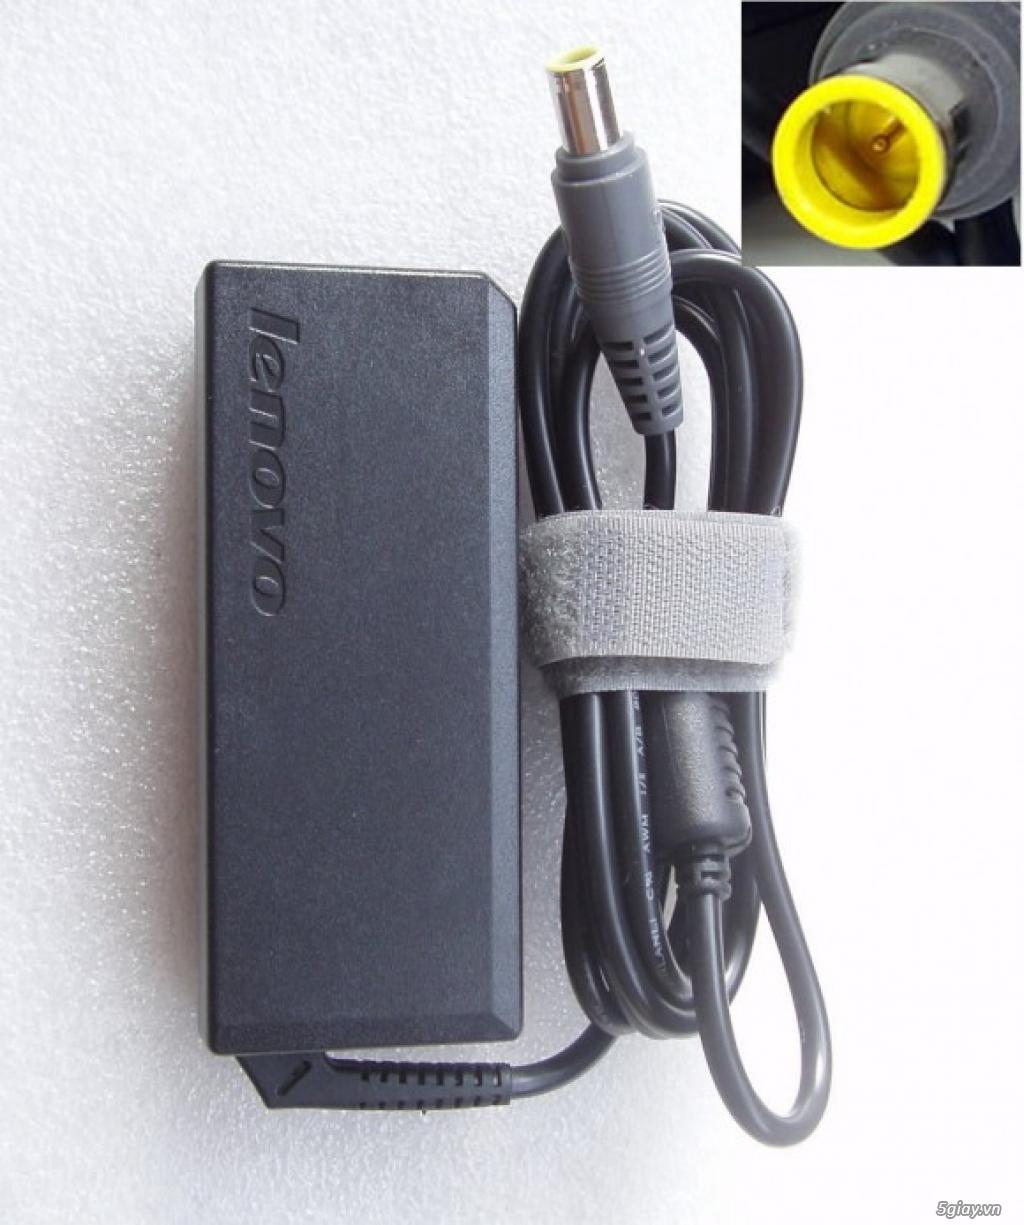 Cung Cấp Linh kiện Laptop Bàn Phím, Pin Sạc LCD Macbook hàng chính hãng giá gốc - 22